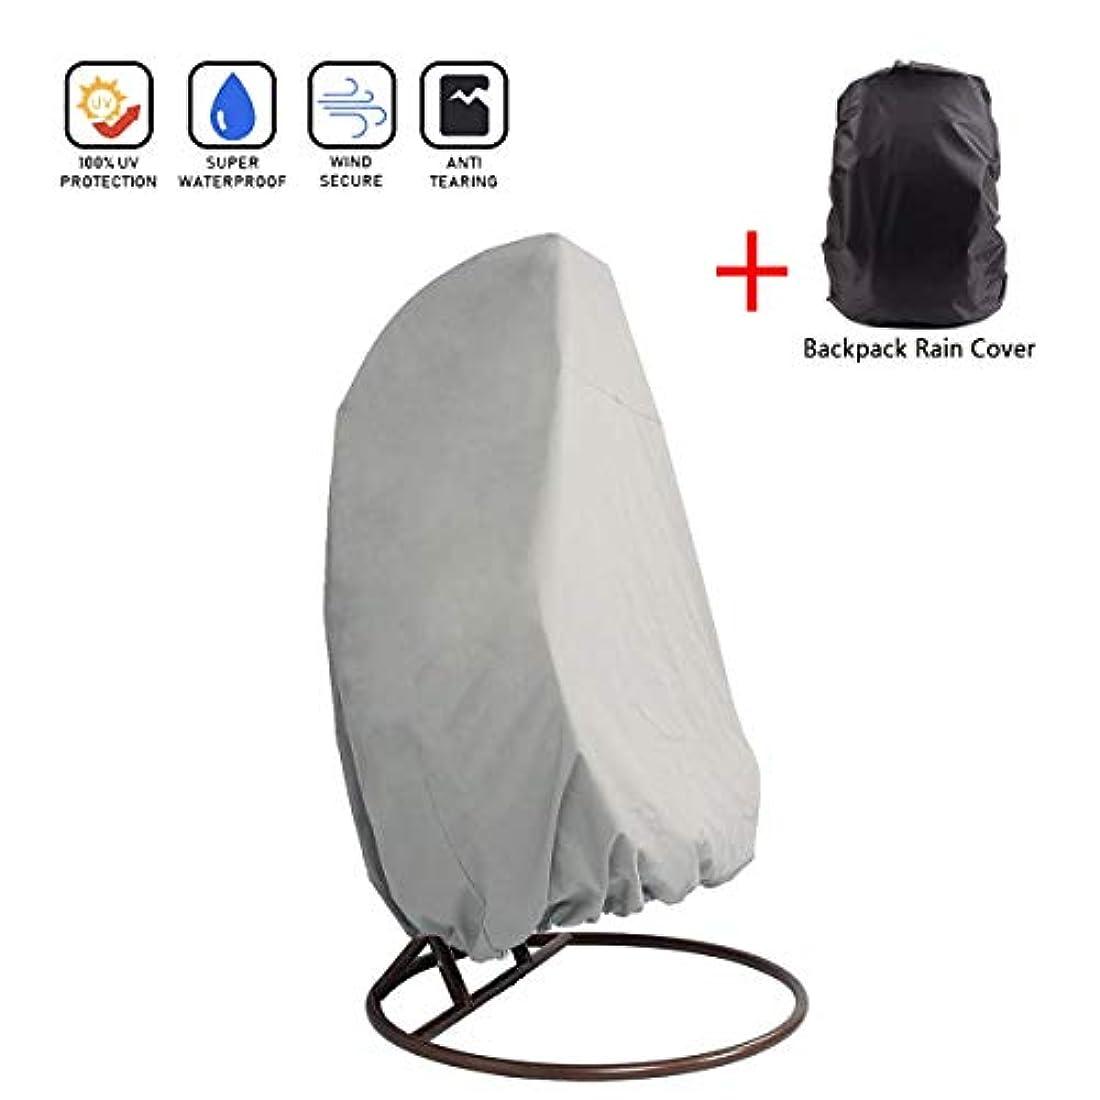 運動正統派手つかずの掛かる椅子カバー、頑丈な単一の振動卵の椅子/ポッドチェア屋外のテラスの掛かる椅子カバー防水(バックパックの雨カバーを含んでいて),Zipper,203x232cm